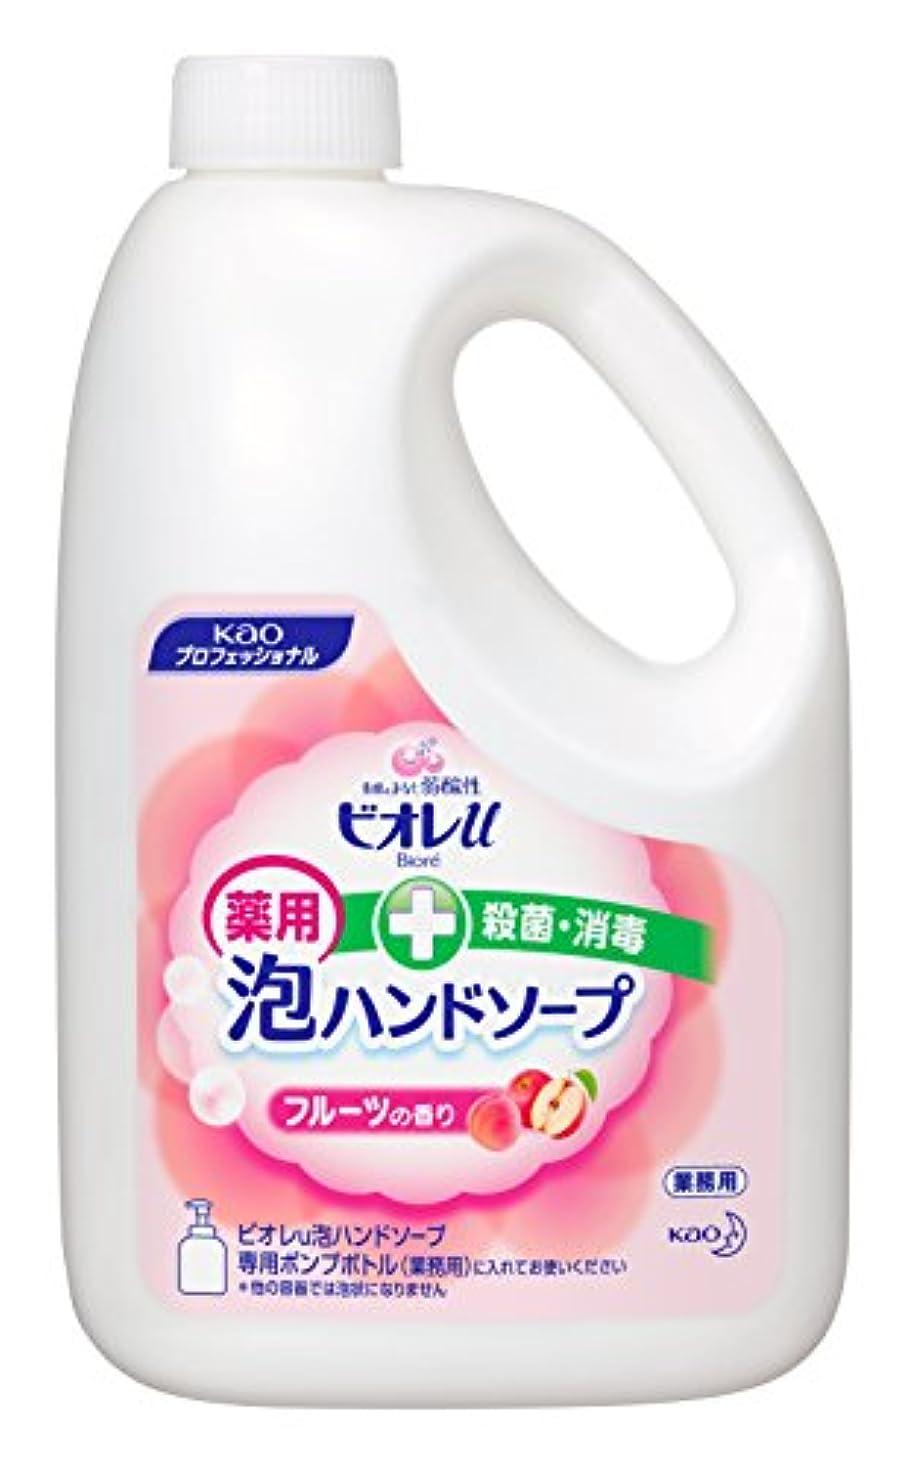 とげ毒証明書【業務用 泡ハンドソープ】ビオレu 泡ハンドソープ フルーツの香り 2L(プロフェッショナルシリーズ)